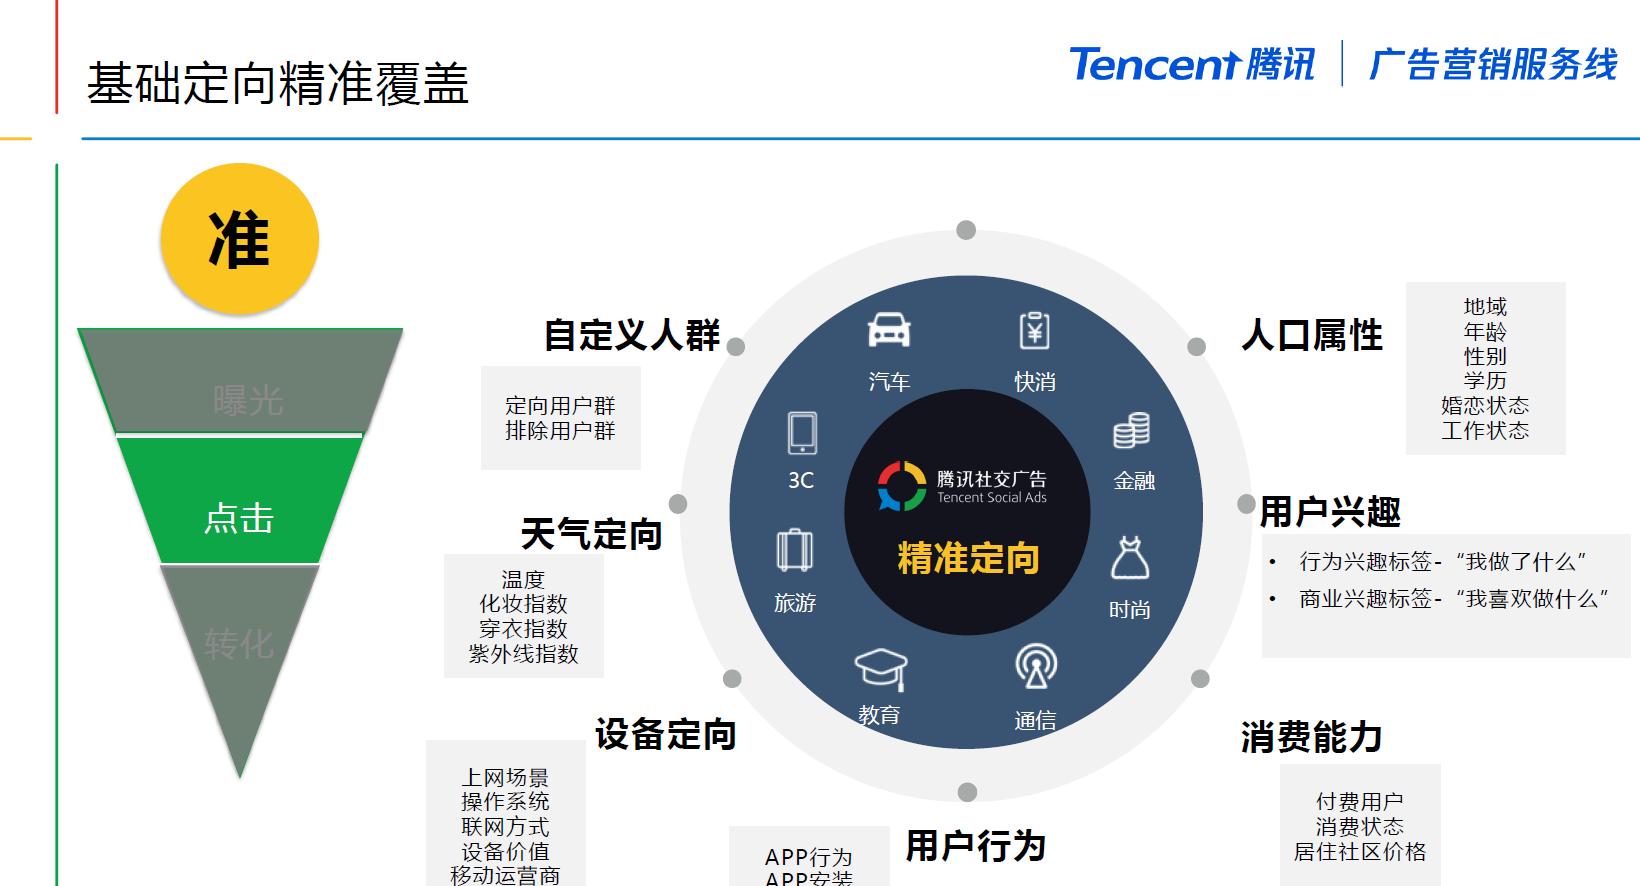 吉林省QQ看点广告哪家好-新舟智能